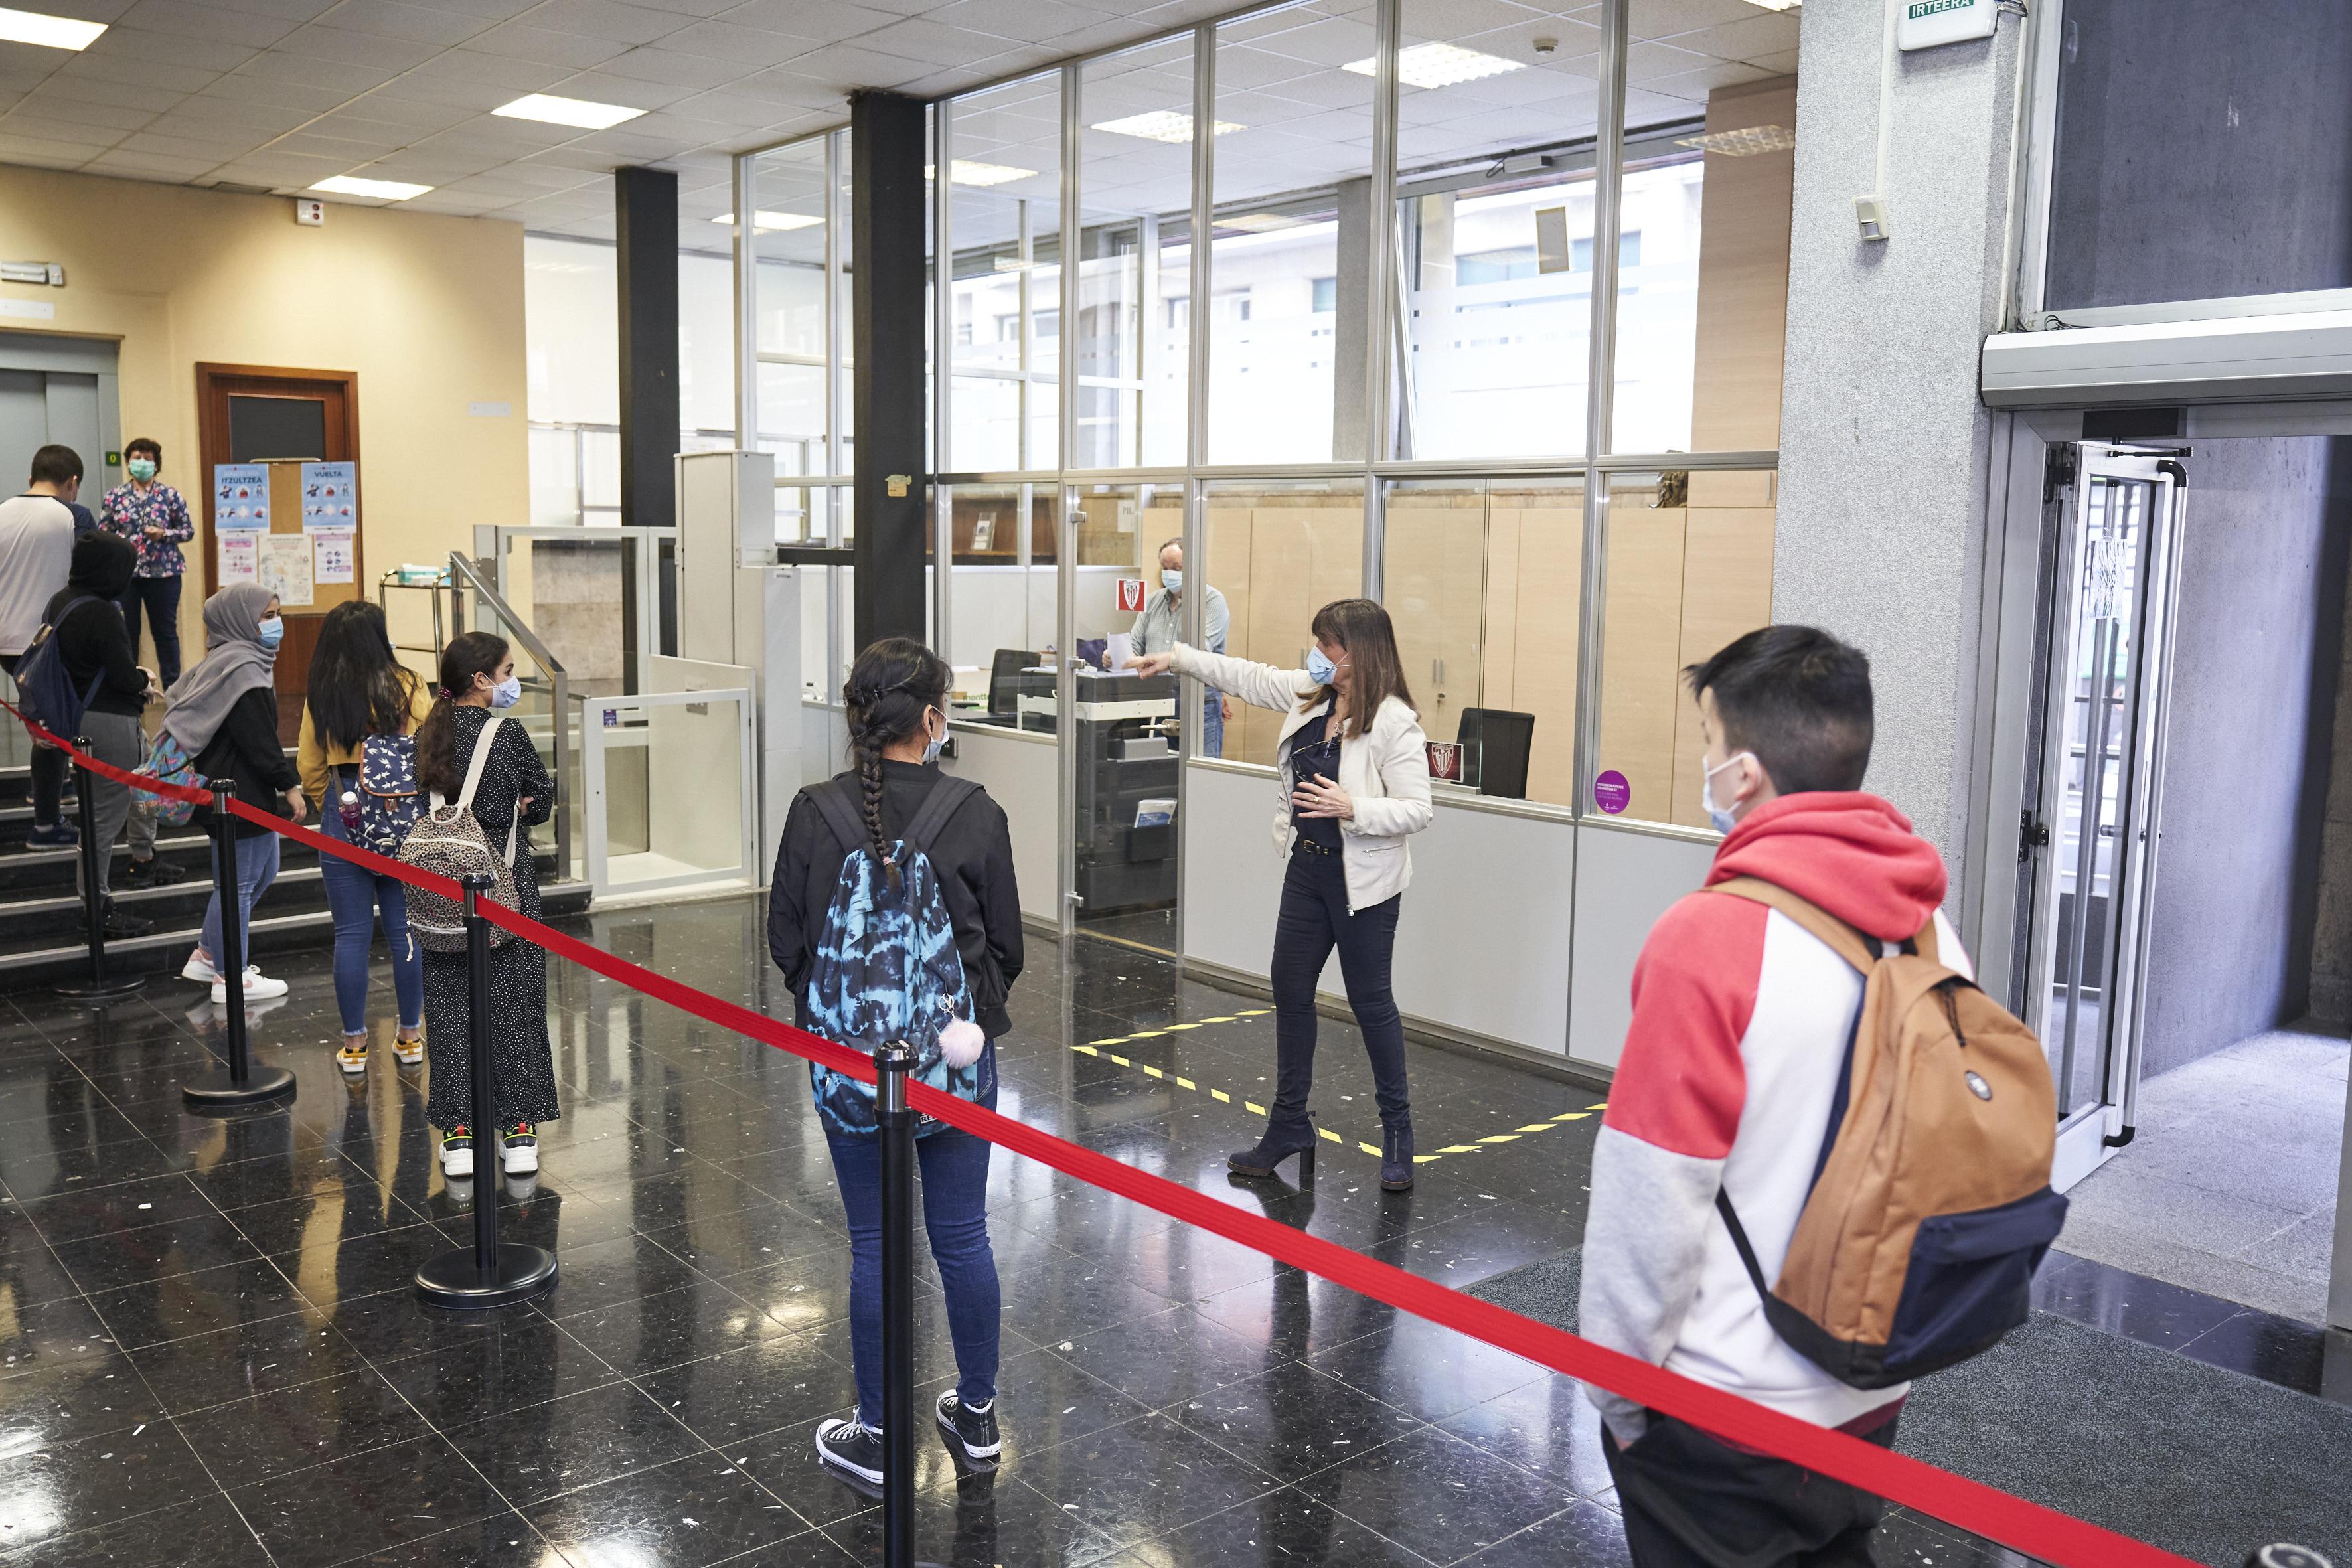 La actividad educativa presencial vuelve a las aulas de manera gradual en los centros que imparten 4º curso de ESO, Bachillerato y Formación Profesional